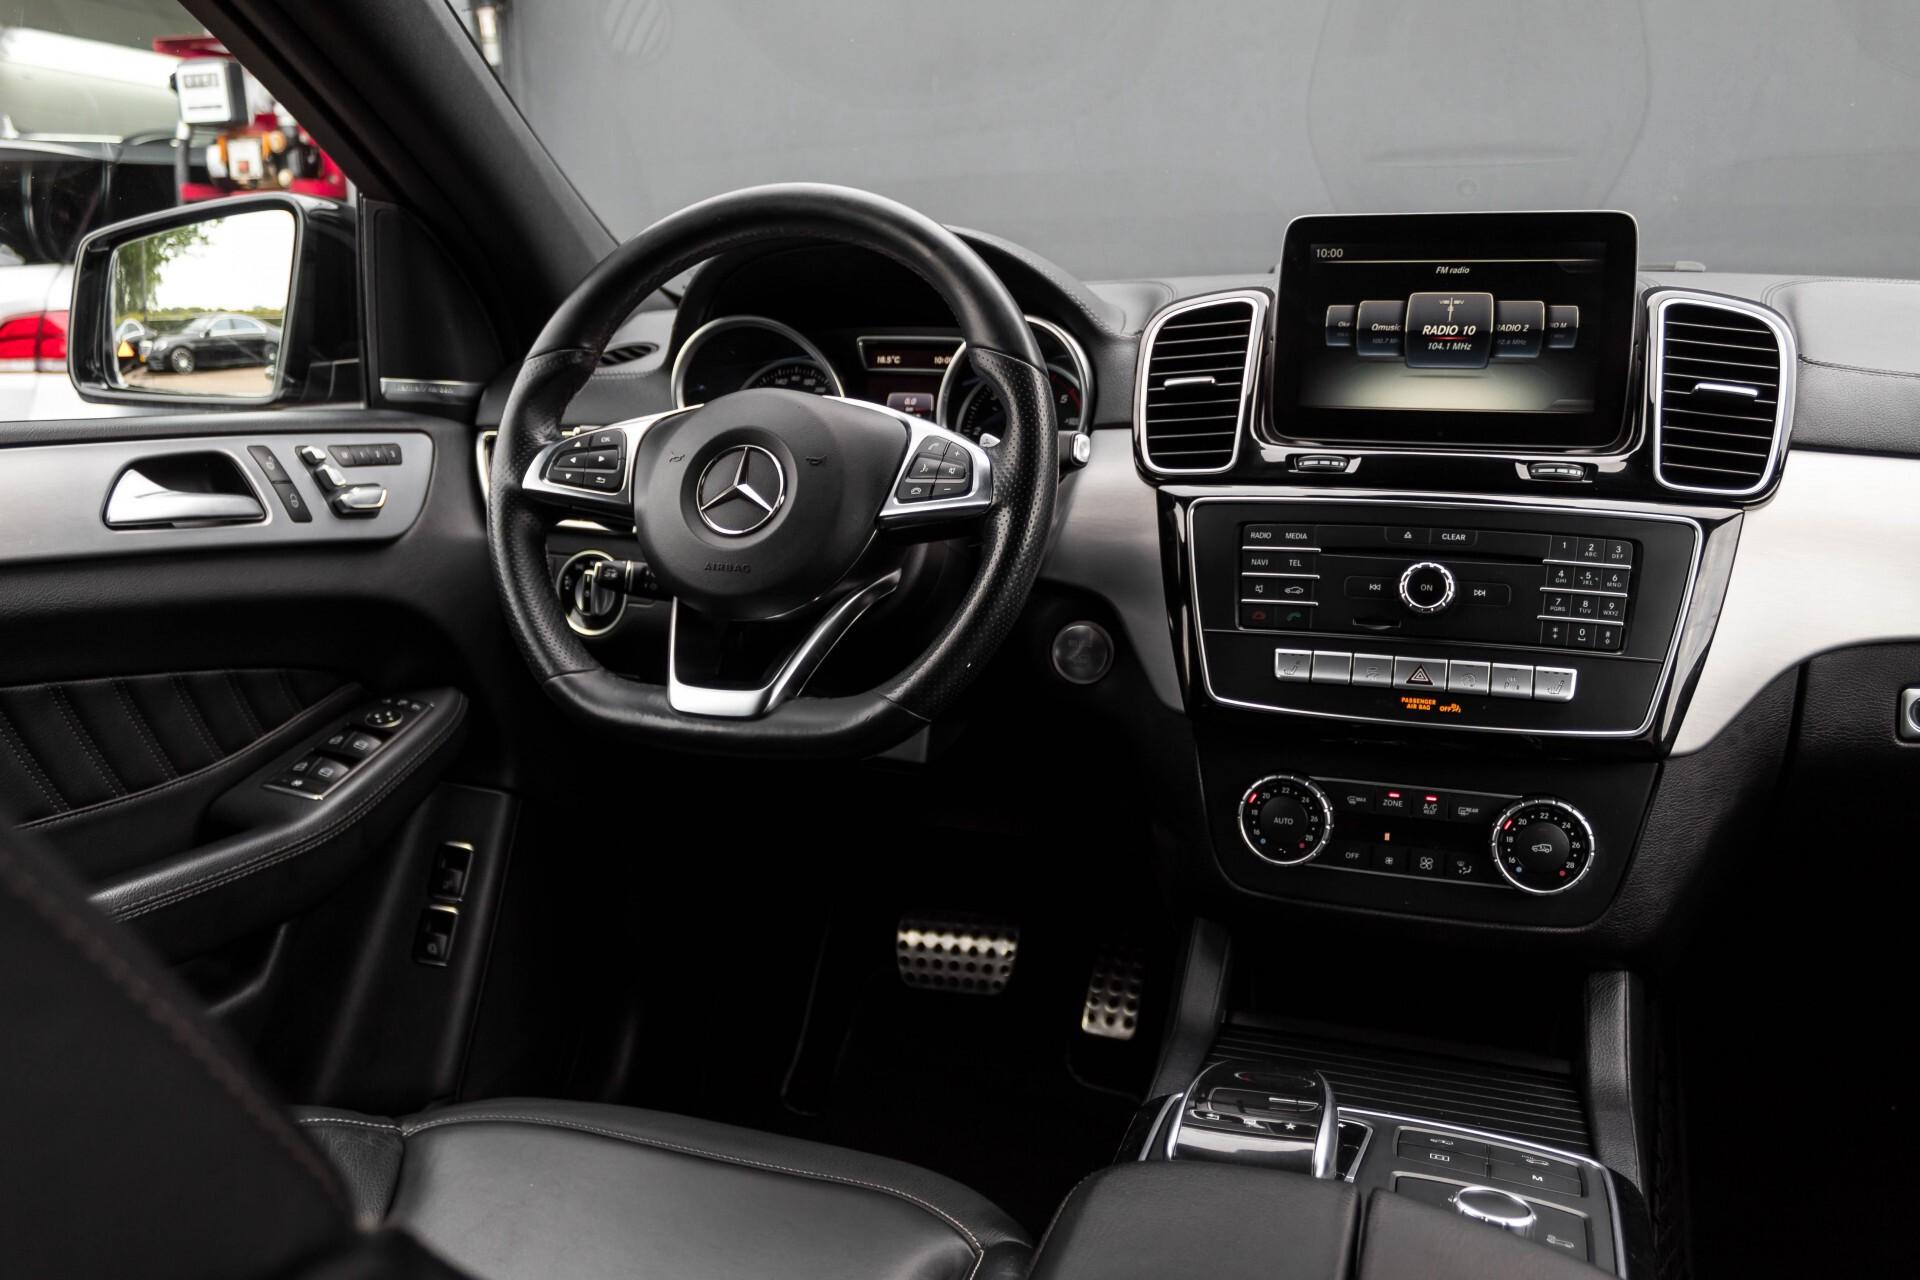 Mercedes-Benz GLE Coupé 350 d 4-M AMG Luchtvering/Distronic/Panorama/Mem/Trekhaak Aut9 Foto 7